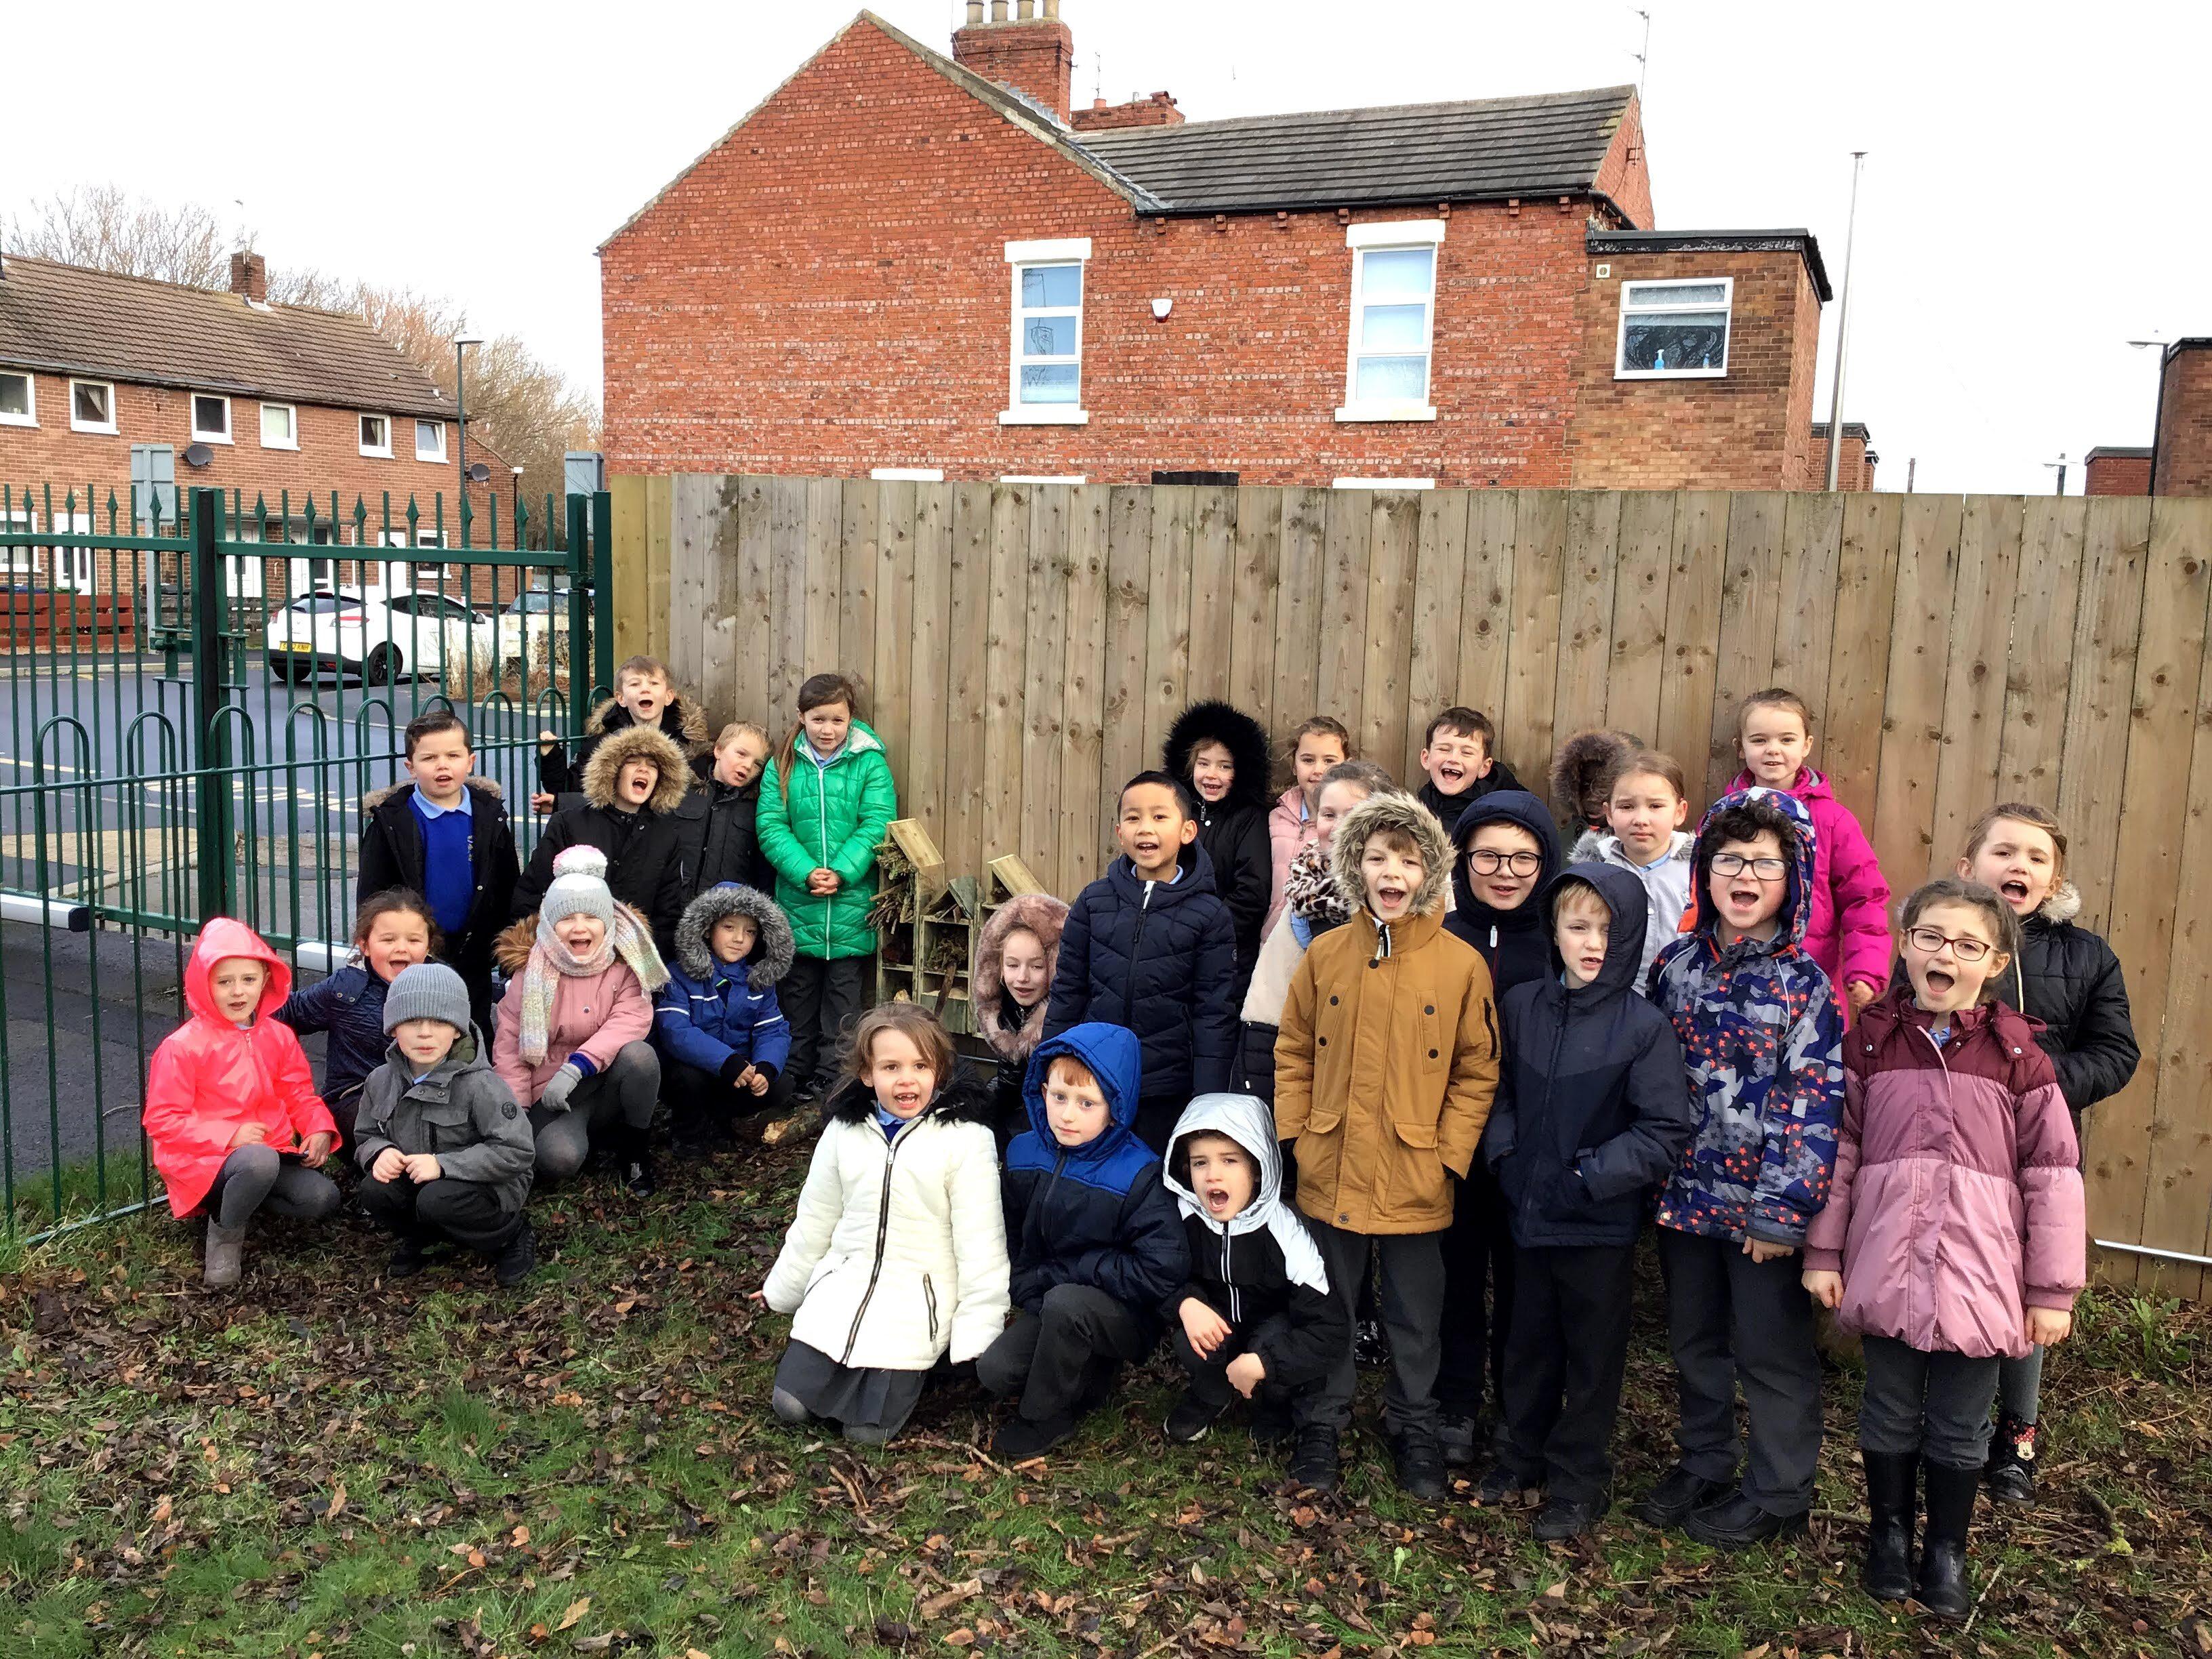 School children outside in winter coats